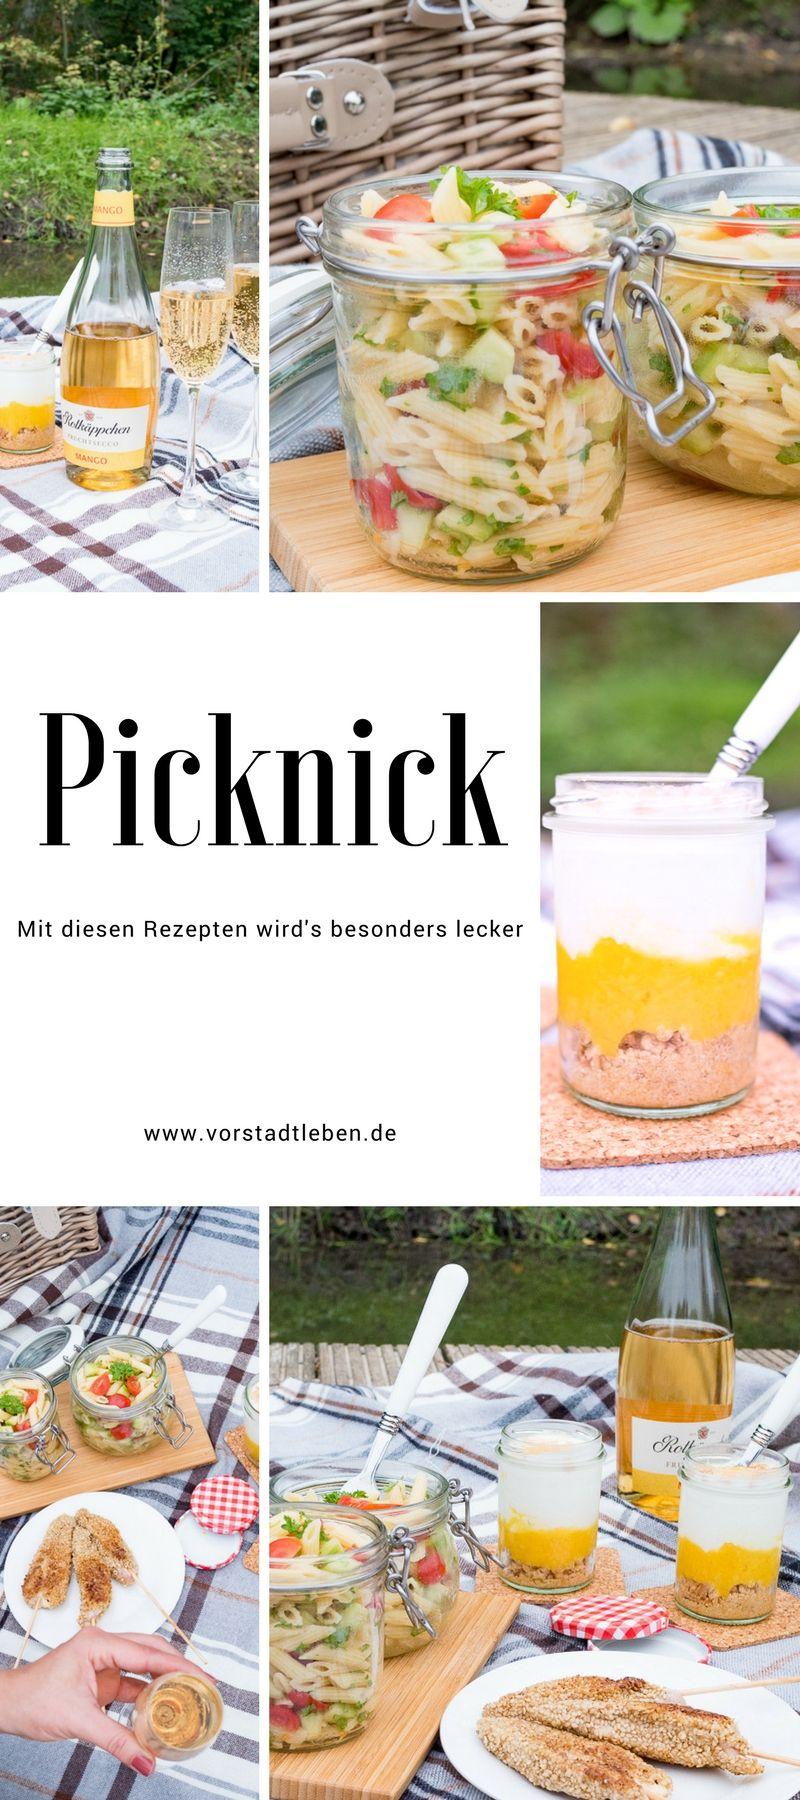 Romantisches Picknick Essen - Sonntagsspaziergang